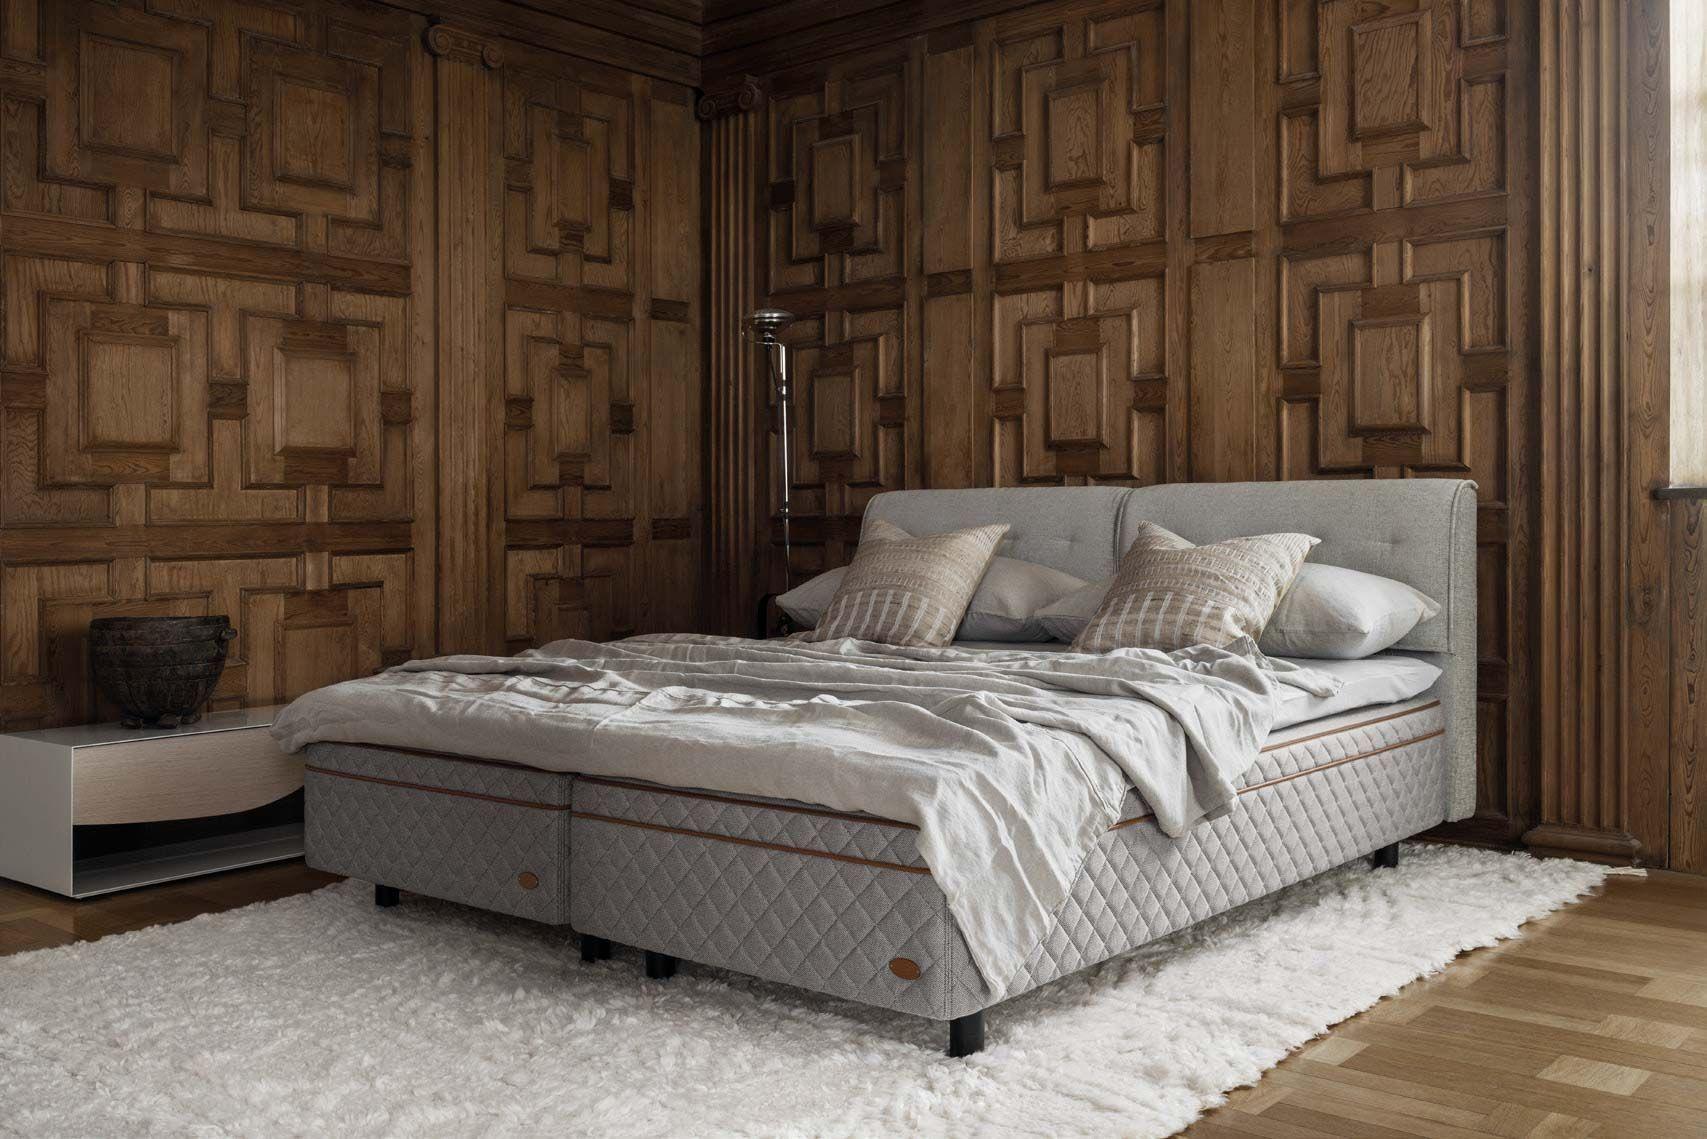 Full Size of Das Du3003 Ist Unser Bestes Einzelmatratzenbett Und Verfgt Ber Rustikales Bett Sofa Mit Bettfunktion Massiv Metall Oschmann Betten 160x200 Lattenrost Matratze Bett Bestes Bett